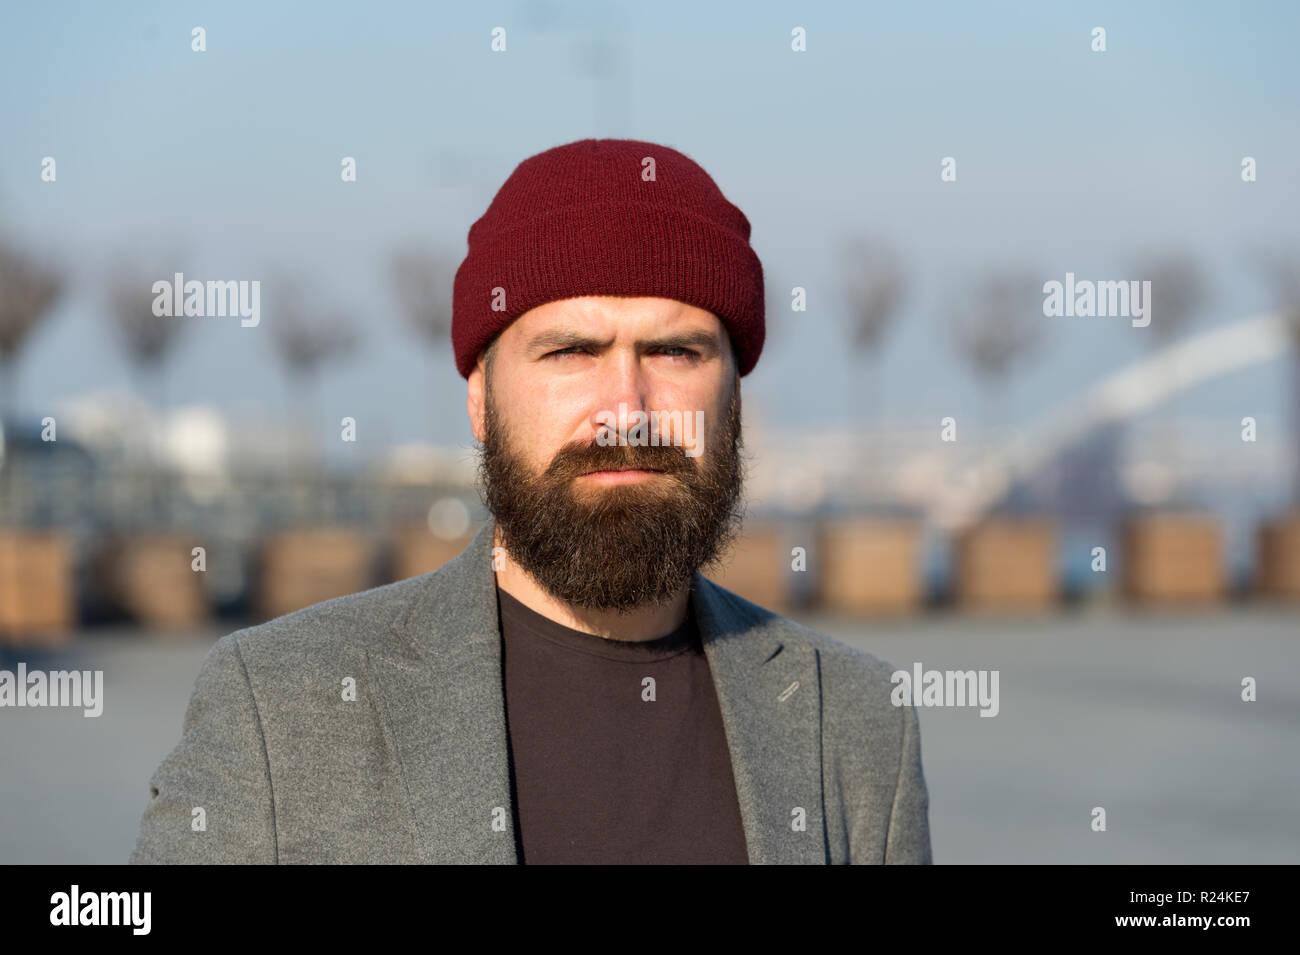 El hombre barbado hipster moda elegante abrigo y sombrero. Elegante traje  moderno sombrero luminoso accesorio. Hipster traje. Elegante ropa casual  para el ... b5acda4b929